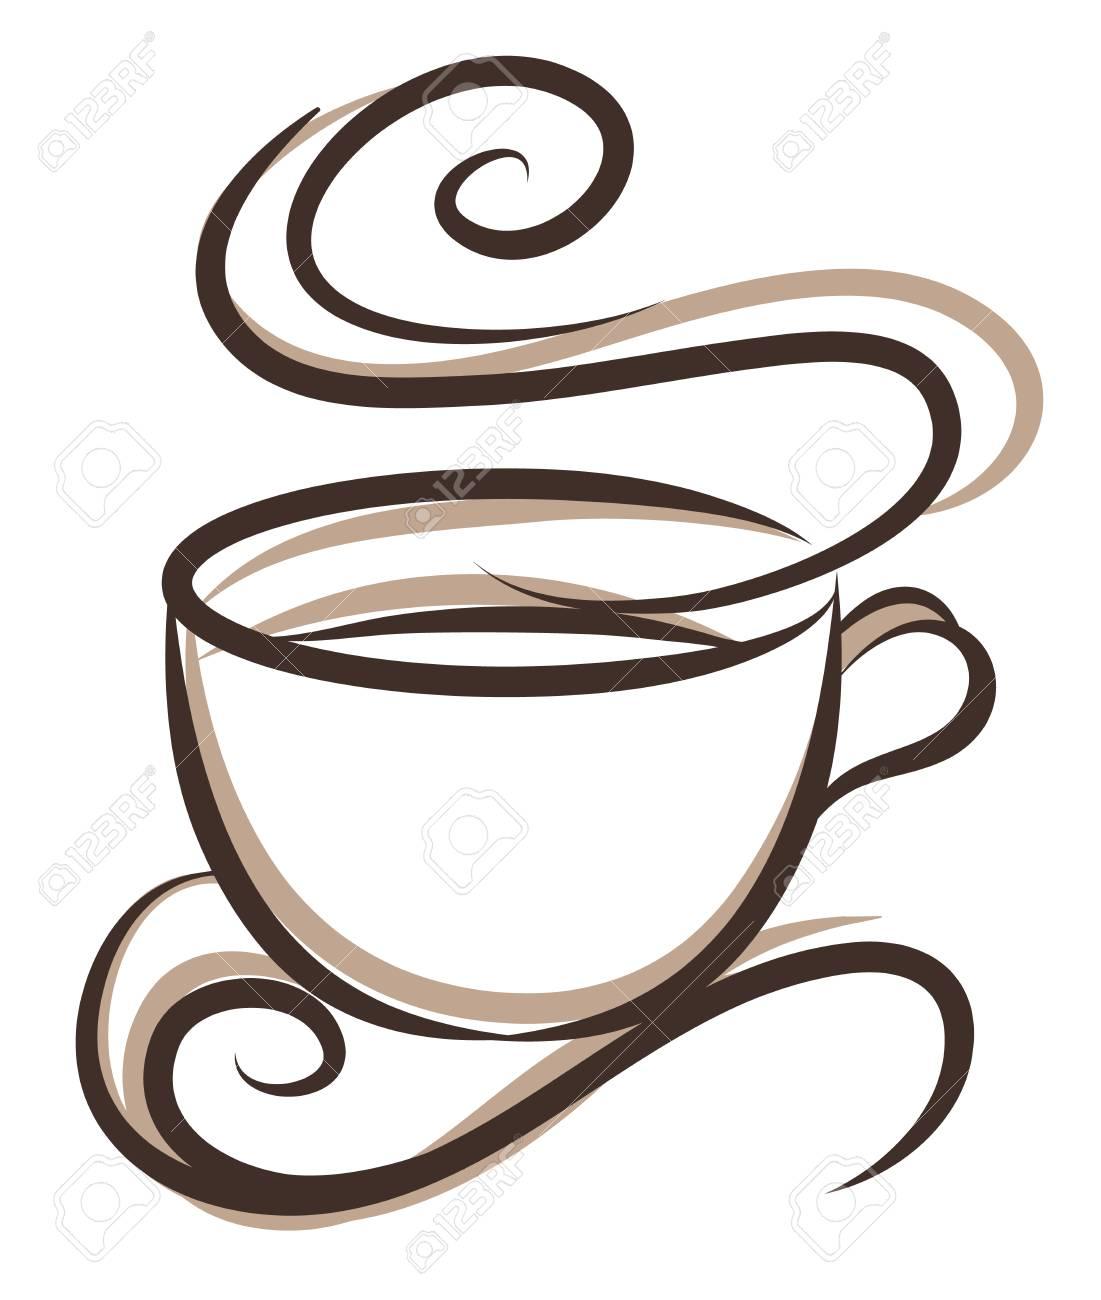 コーヒー イラストのイラスト素材ベクタ Image 49252383